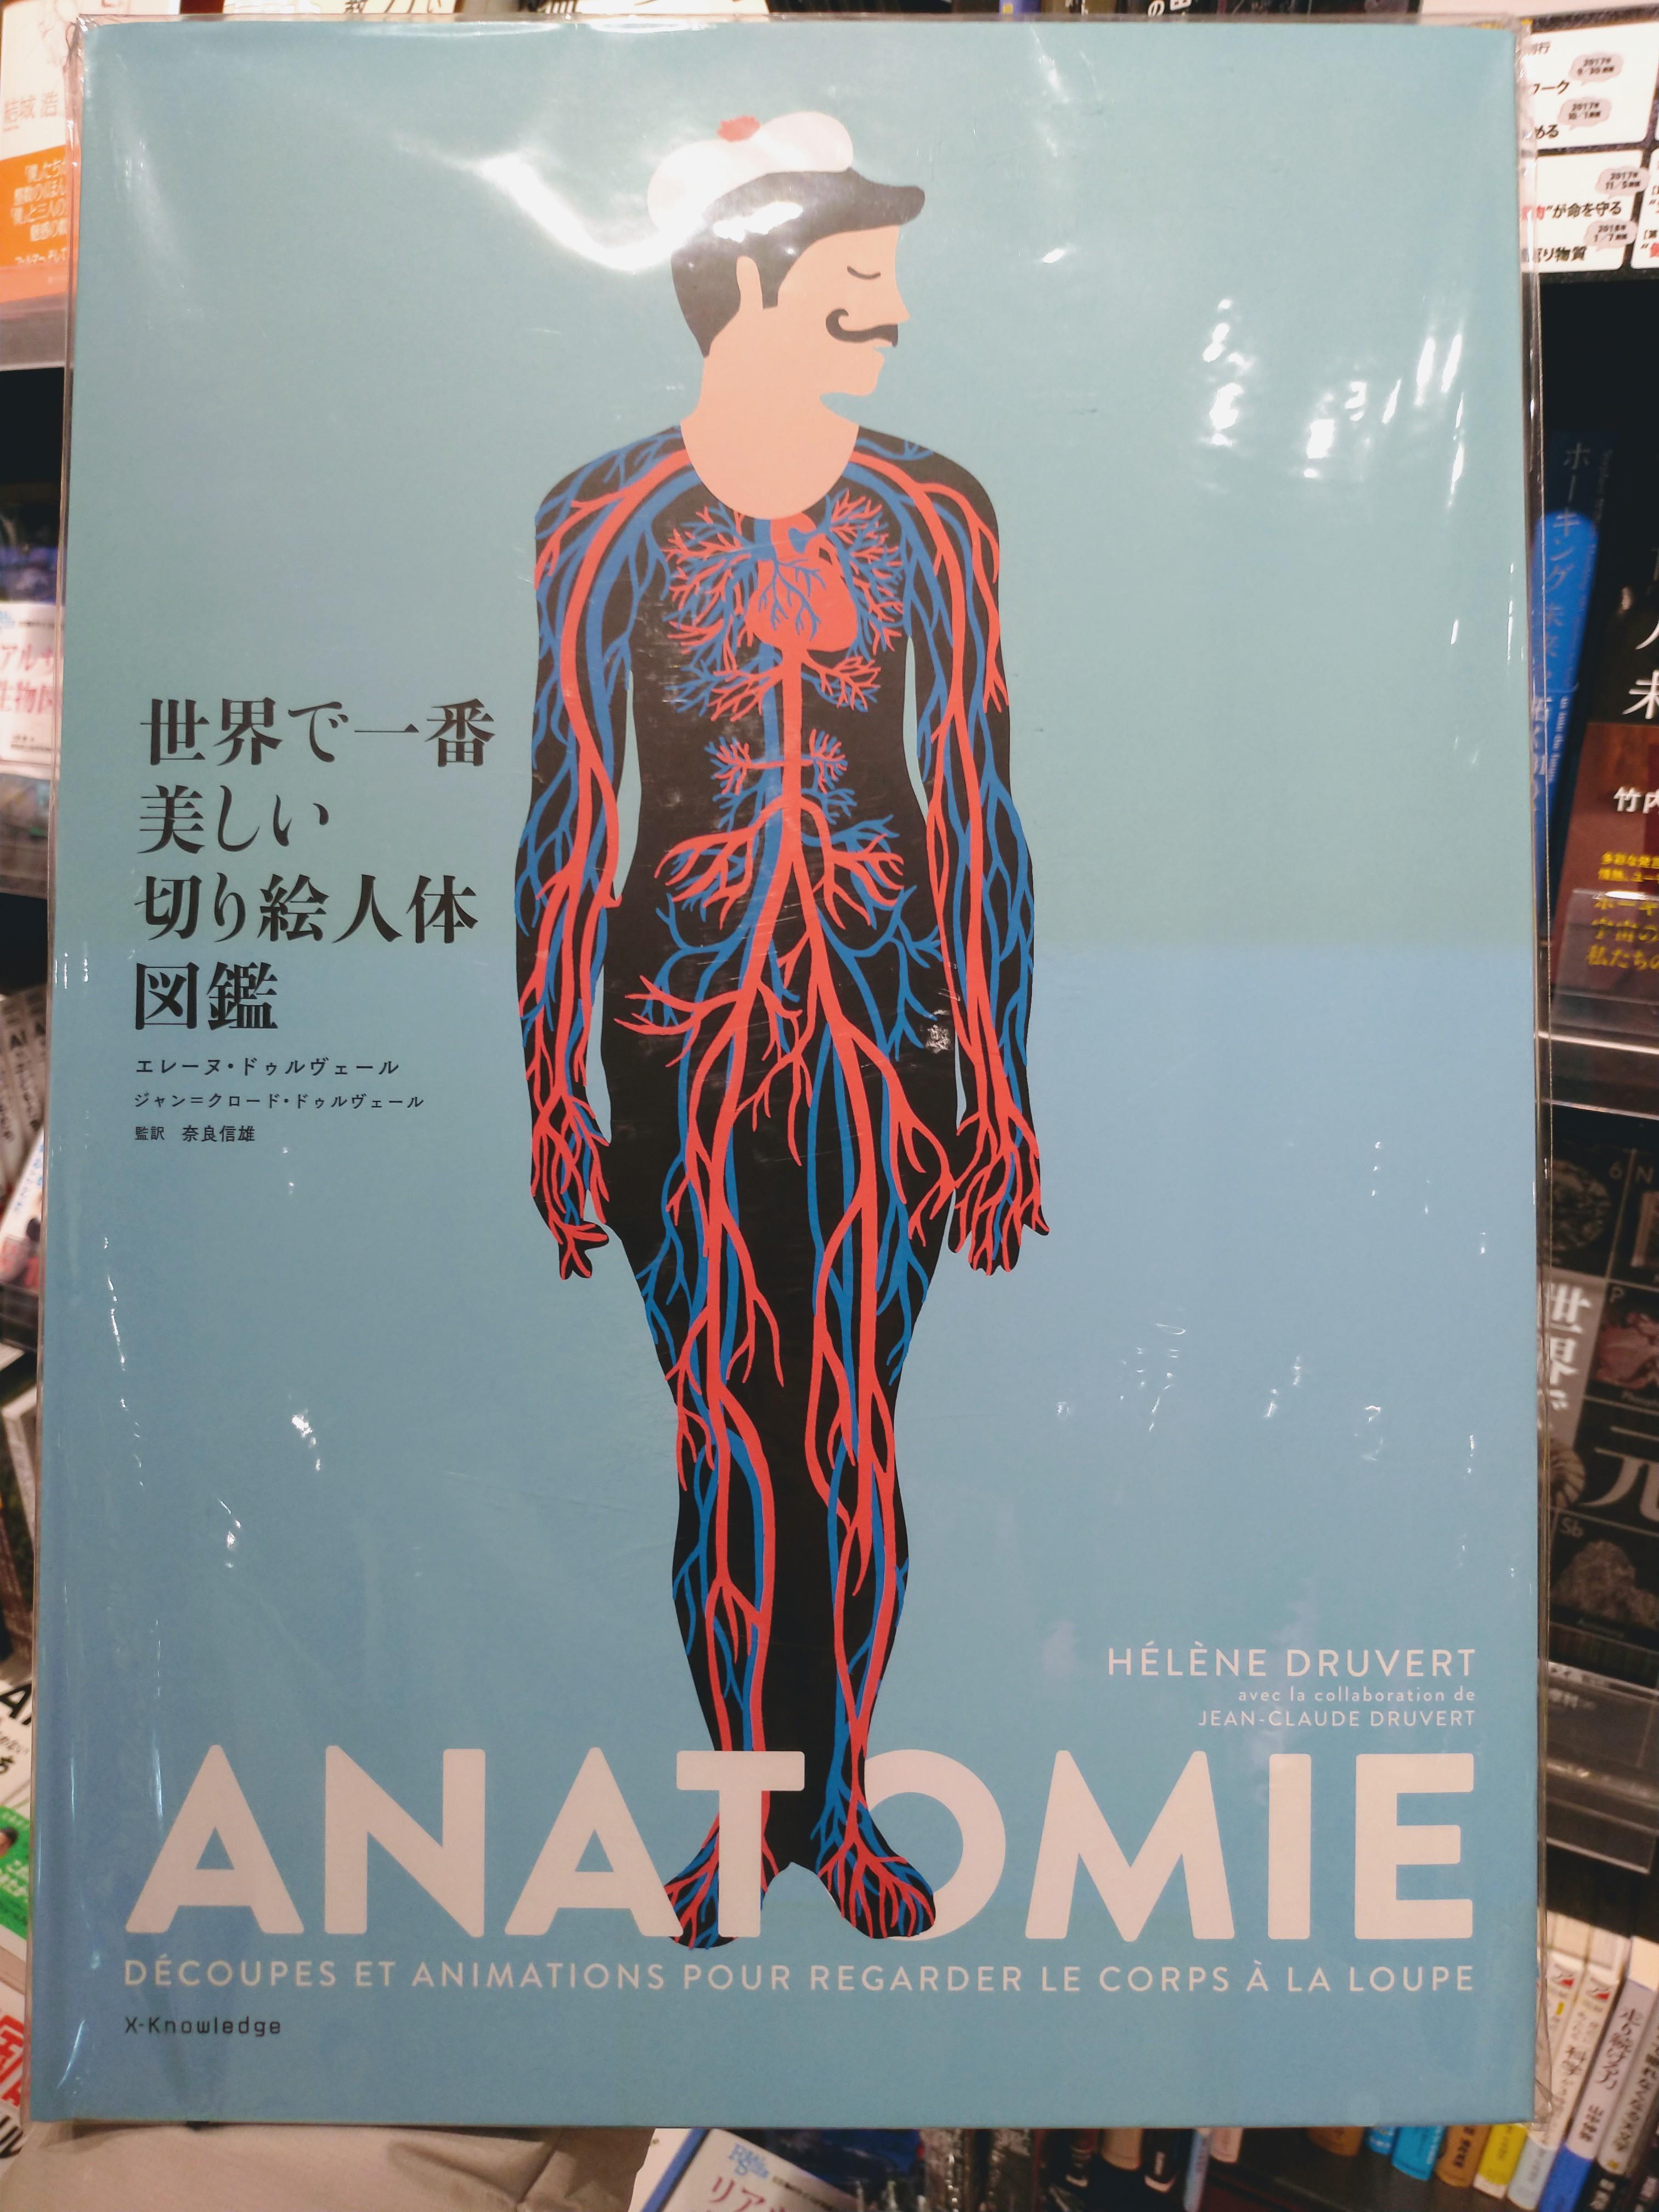 理科の先生に買ってもらいたい「世界で一番美しい切り絵人体図鑑」